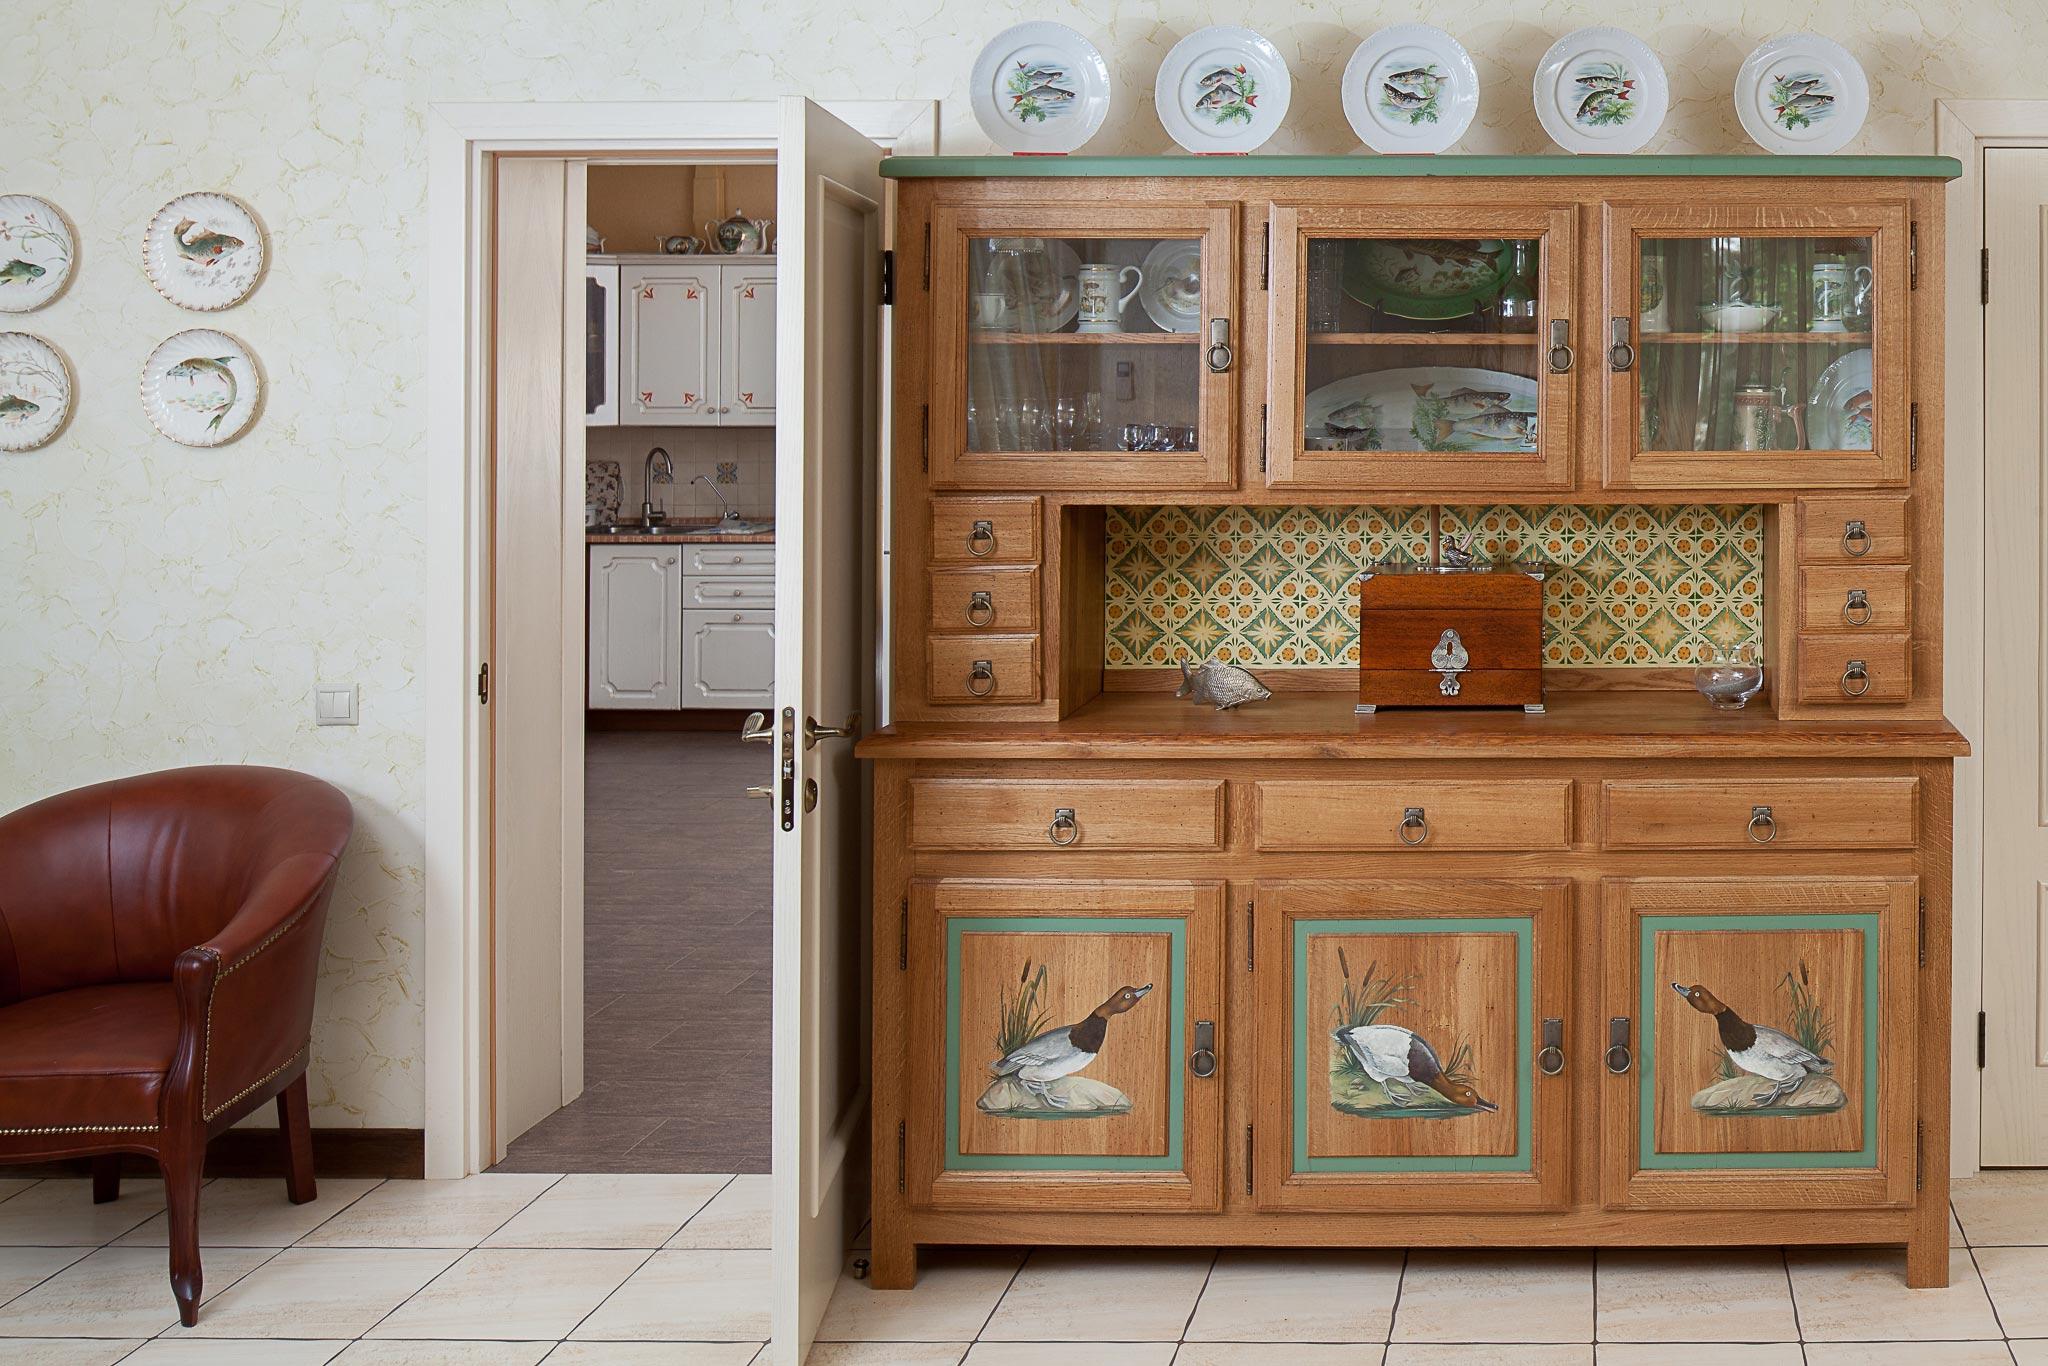 Советская мебель в современном интерьере: варианты 30